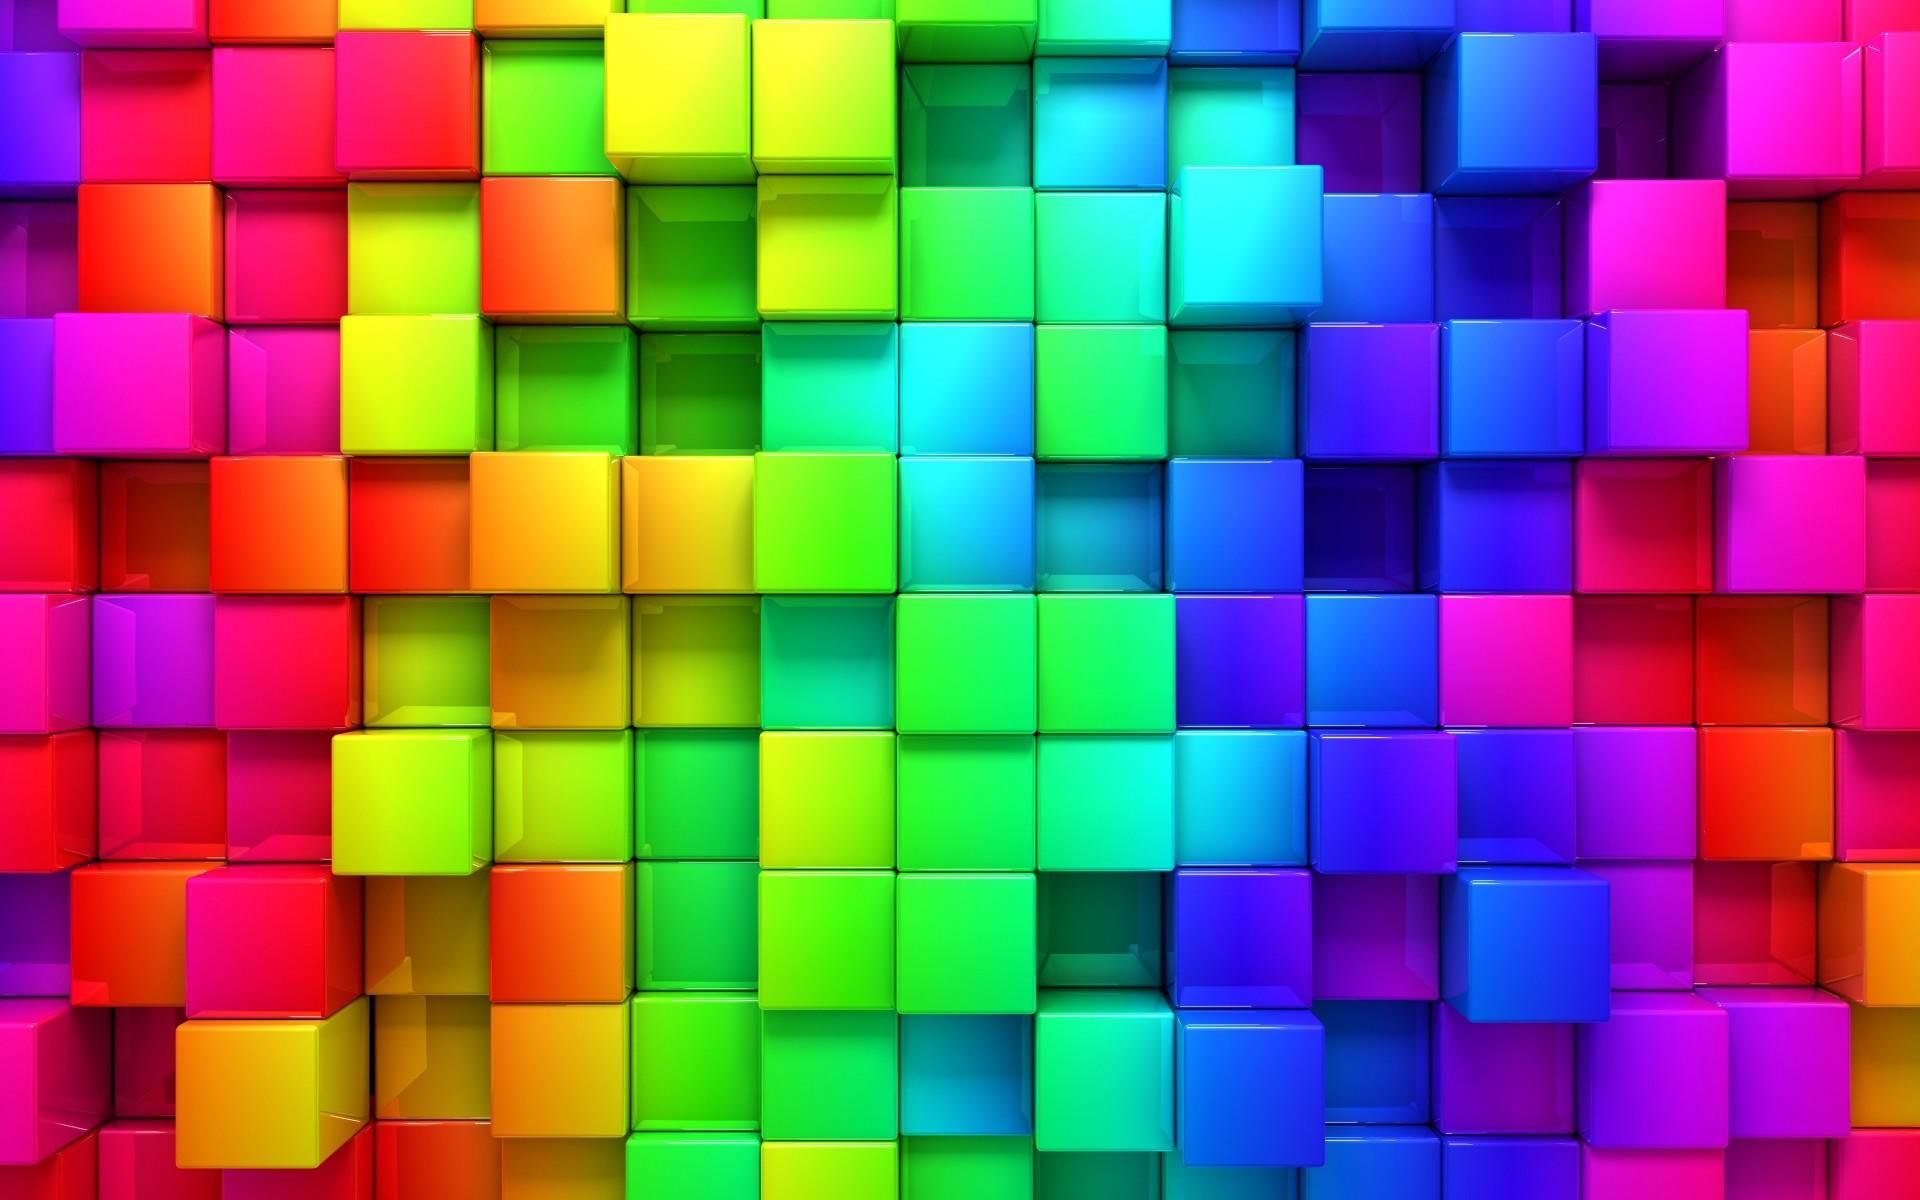 Colorful Desktop Background 74 Images